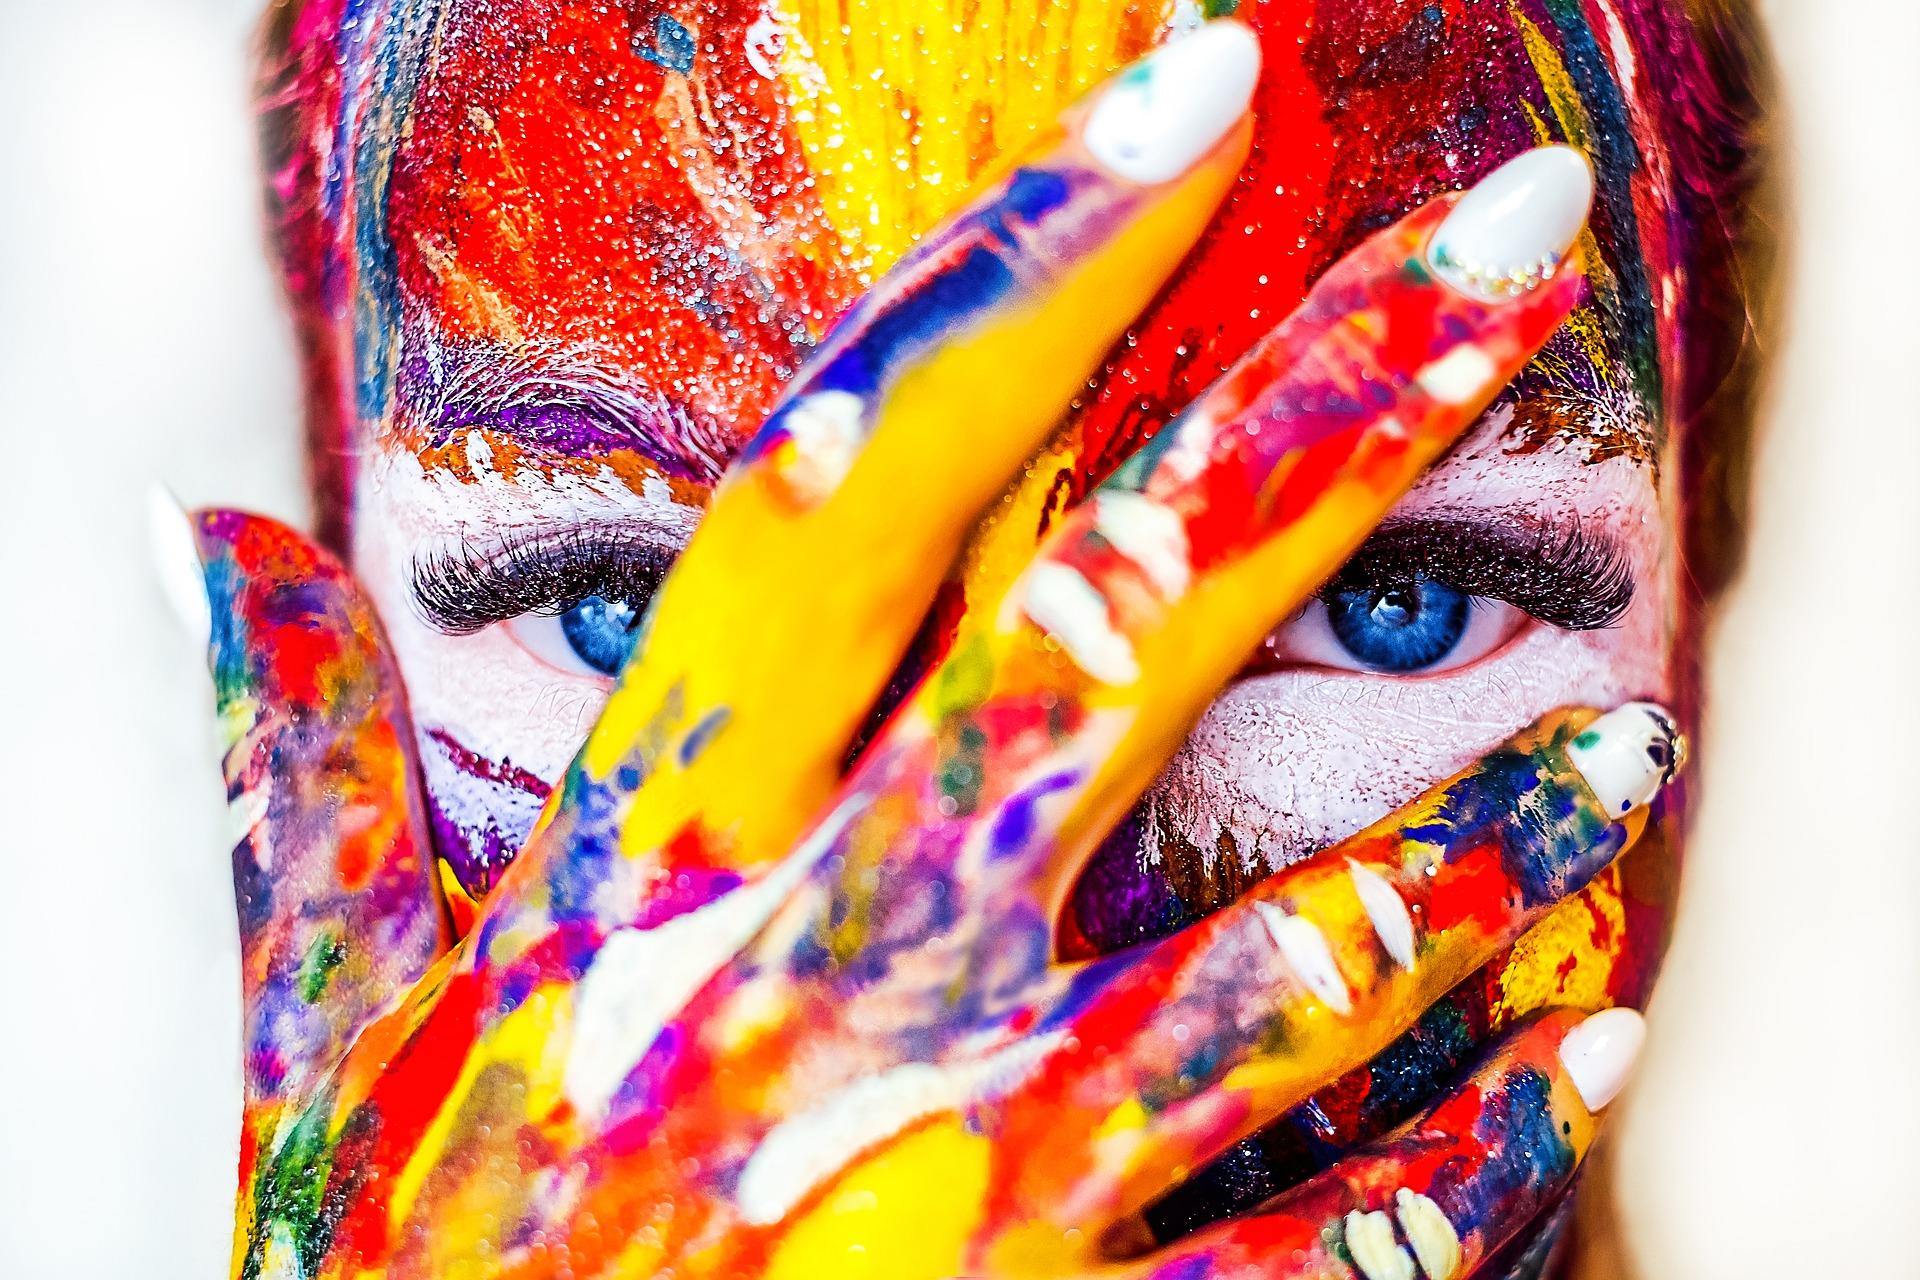 Psicología del color  Use los colores para atraer clientes y ... 19f2bfe04c917